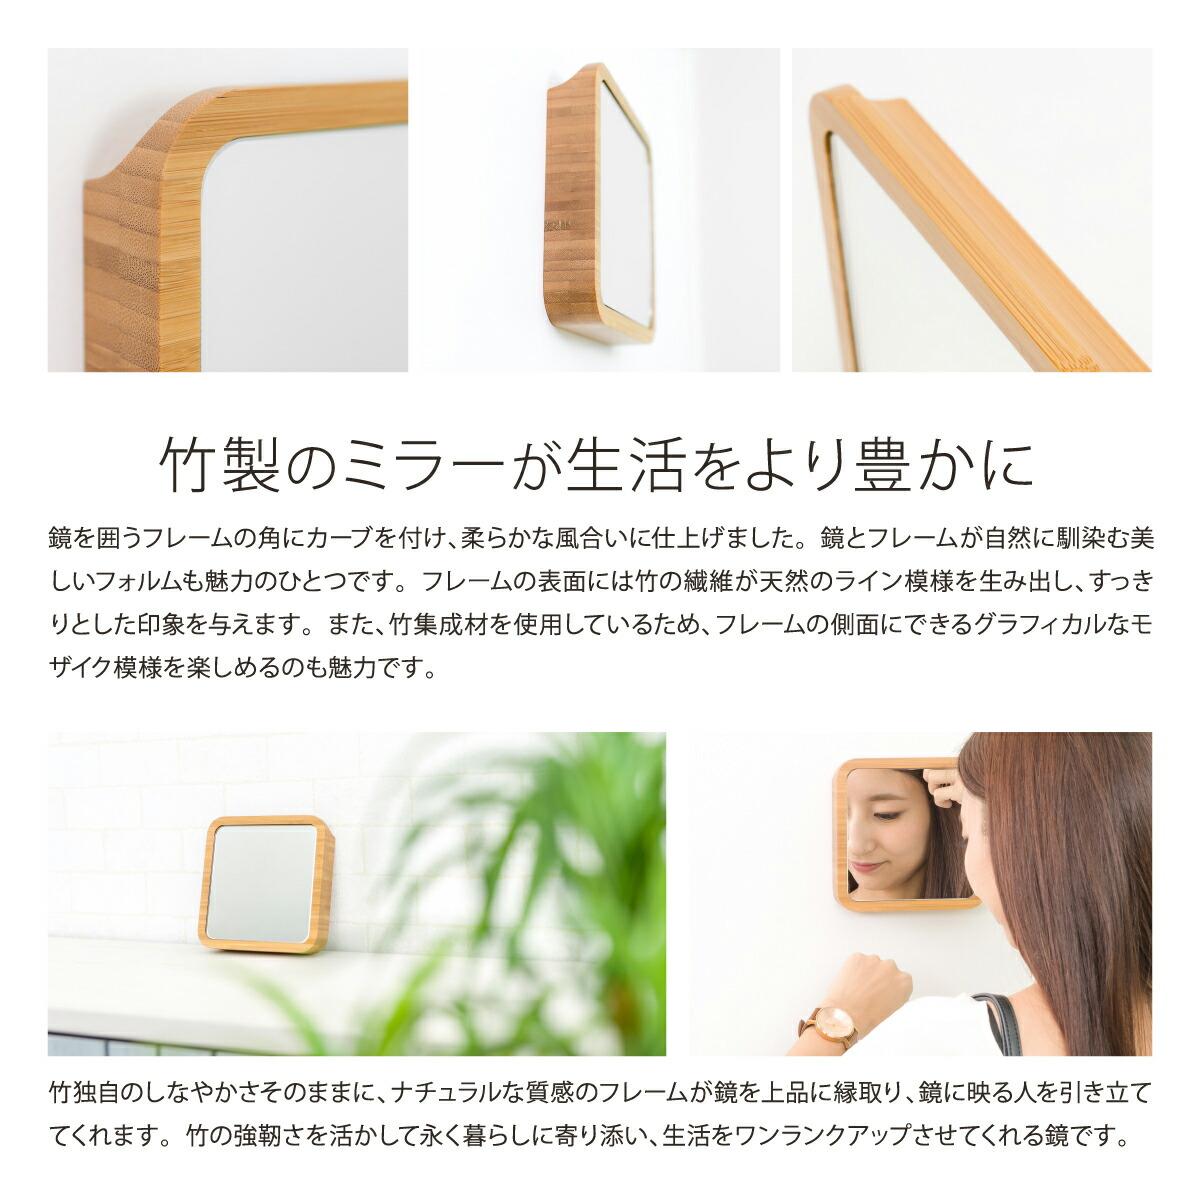 竹製のミラーが生活をより豊かに